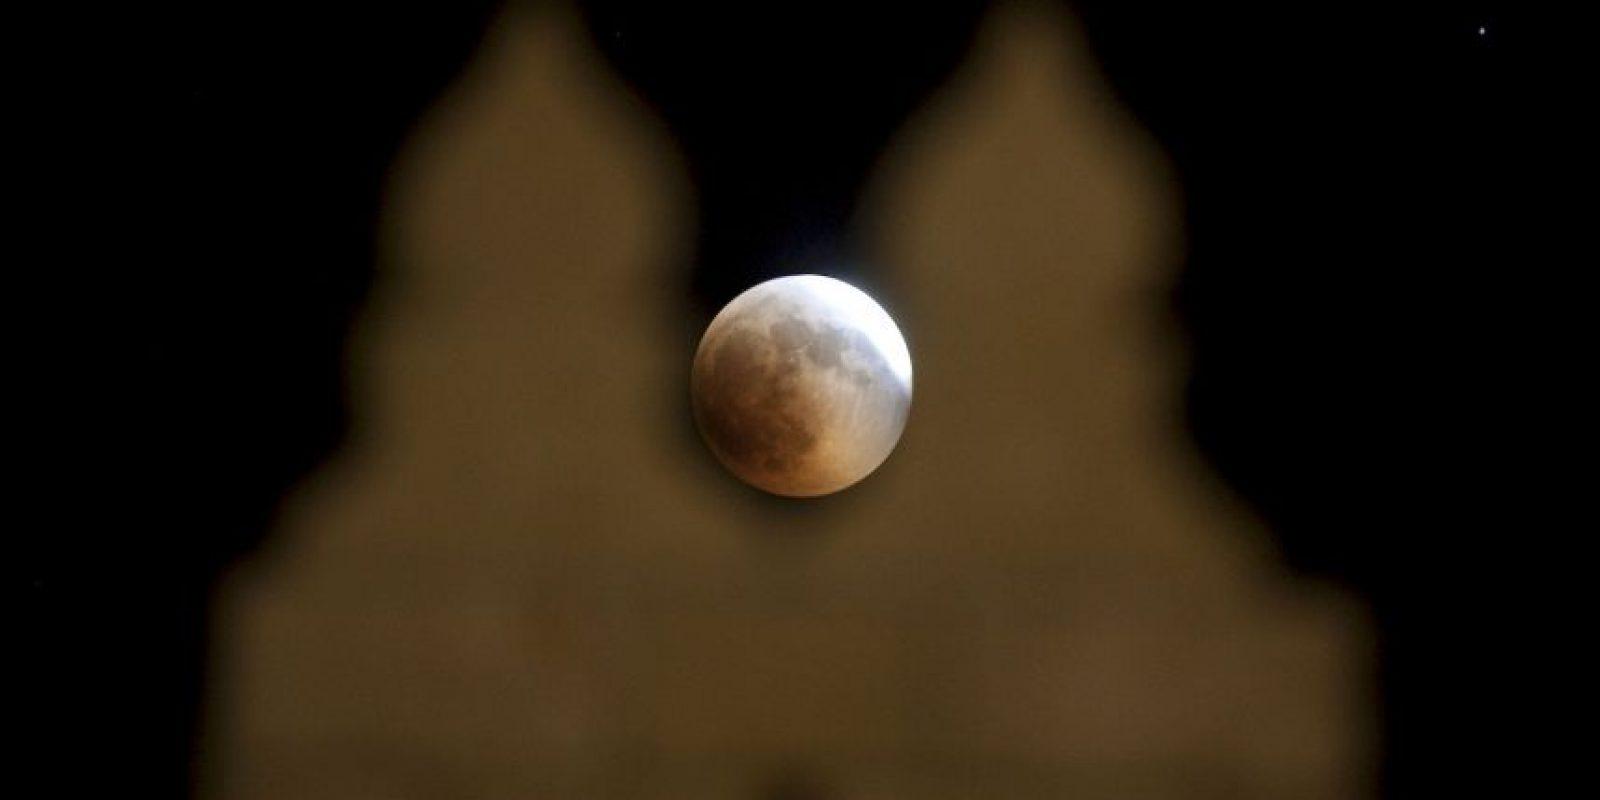 """Otro pasaje bíblico habla de algo parecido: """"Y miré cuando él abrió el sexto sello, y he aquí fue hecho un gran terremoto; y el sol se puso negro como un saco de silicio y la luna se puso toda como sangre"""", cita Apocalipsis 6:12. Foto:Getty Images"""